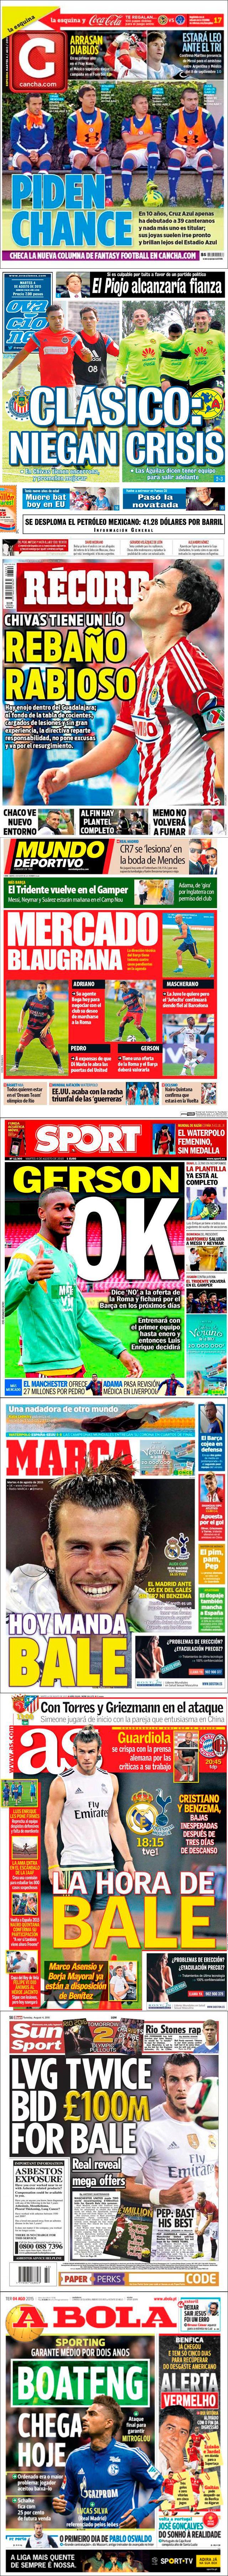 La prensa deportiva más importante del 4 de agosto de 2015.